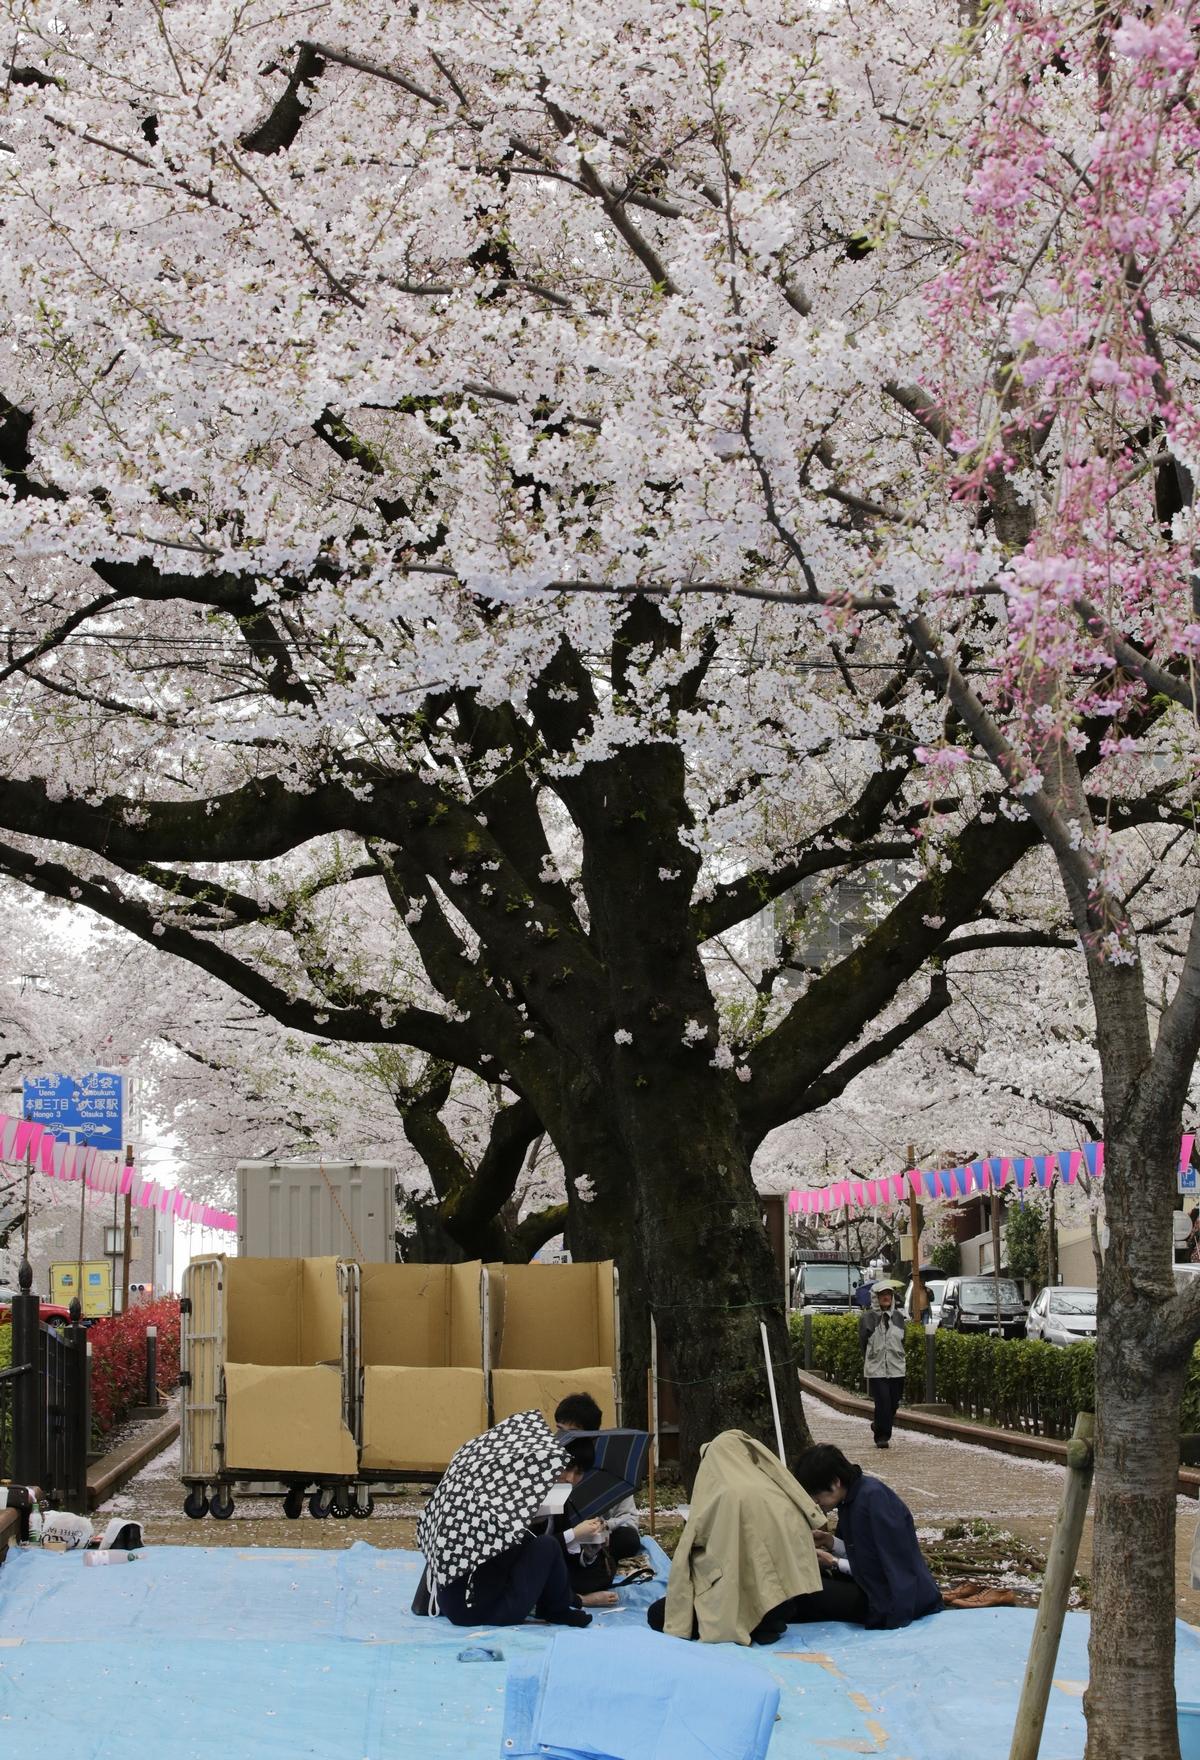 საკურა ტოკიოში. 06.04.2017 ფოტო: EPA/KIMIMASA MAYAMA